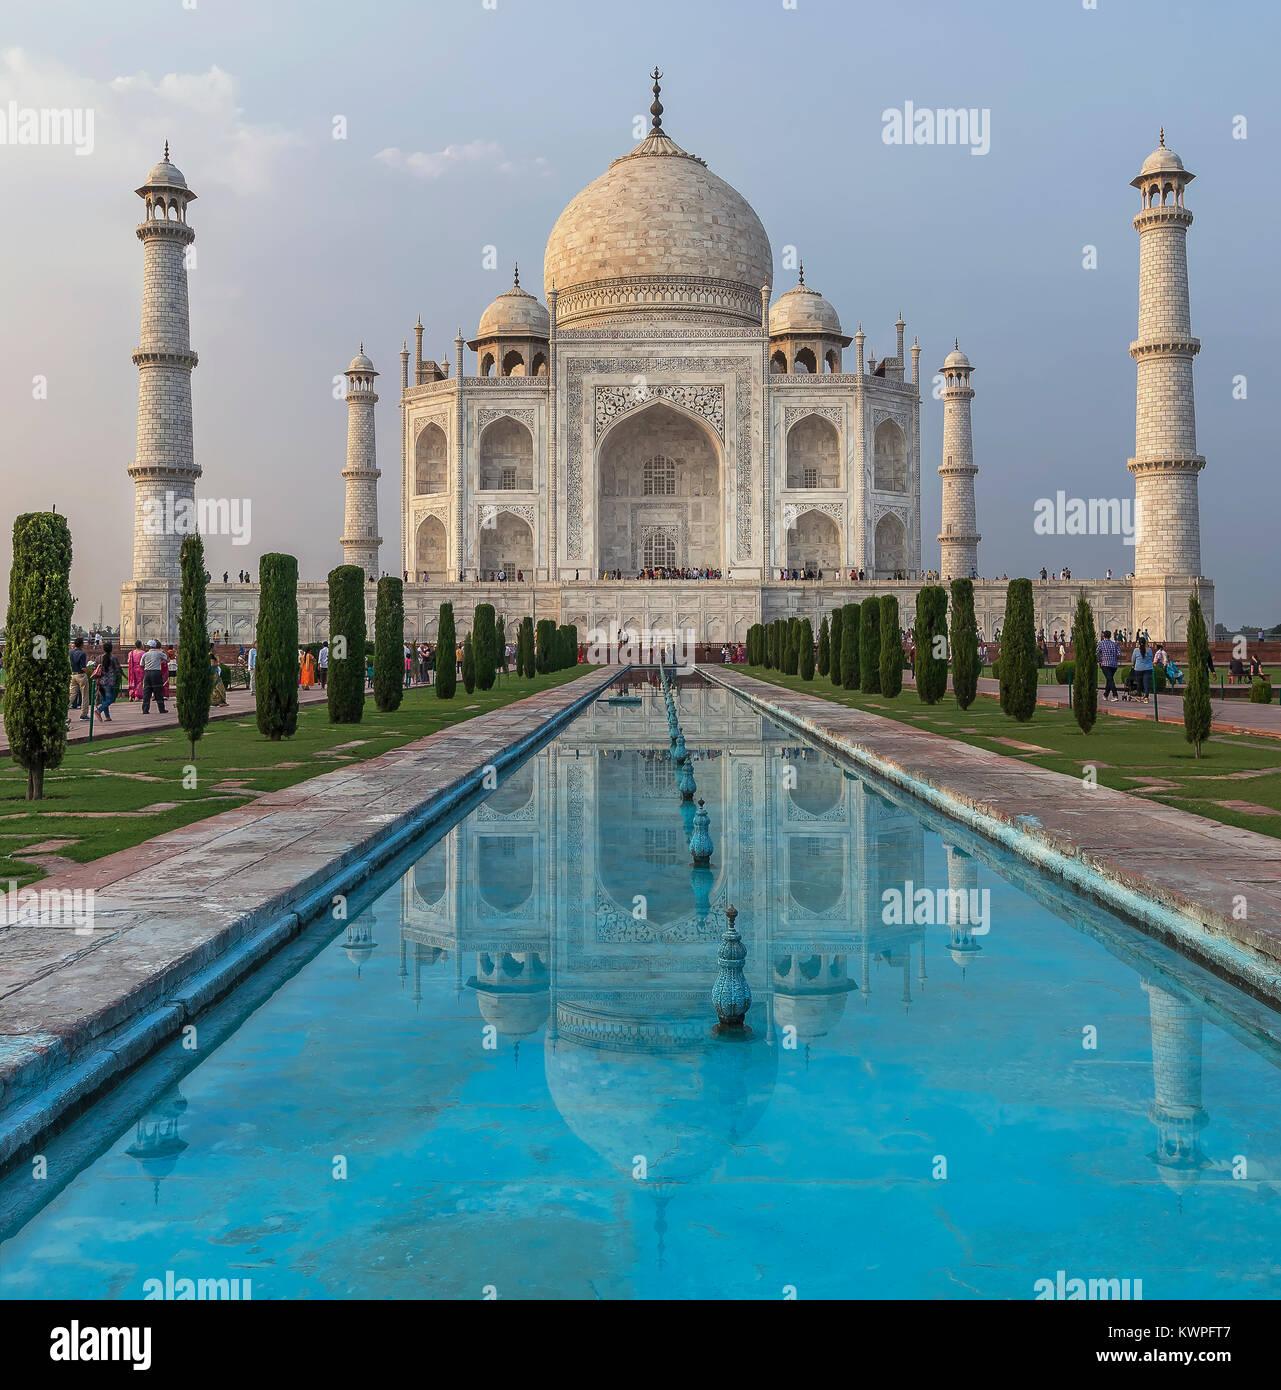 Taj Mahal e la sua riflessione nel tardo pomeriggio di luce, Agra, Uttar Pradesh, India Immagini Stock